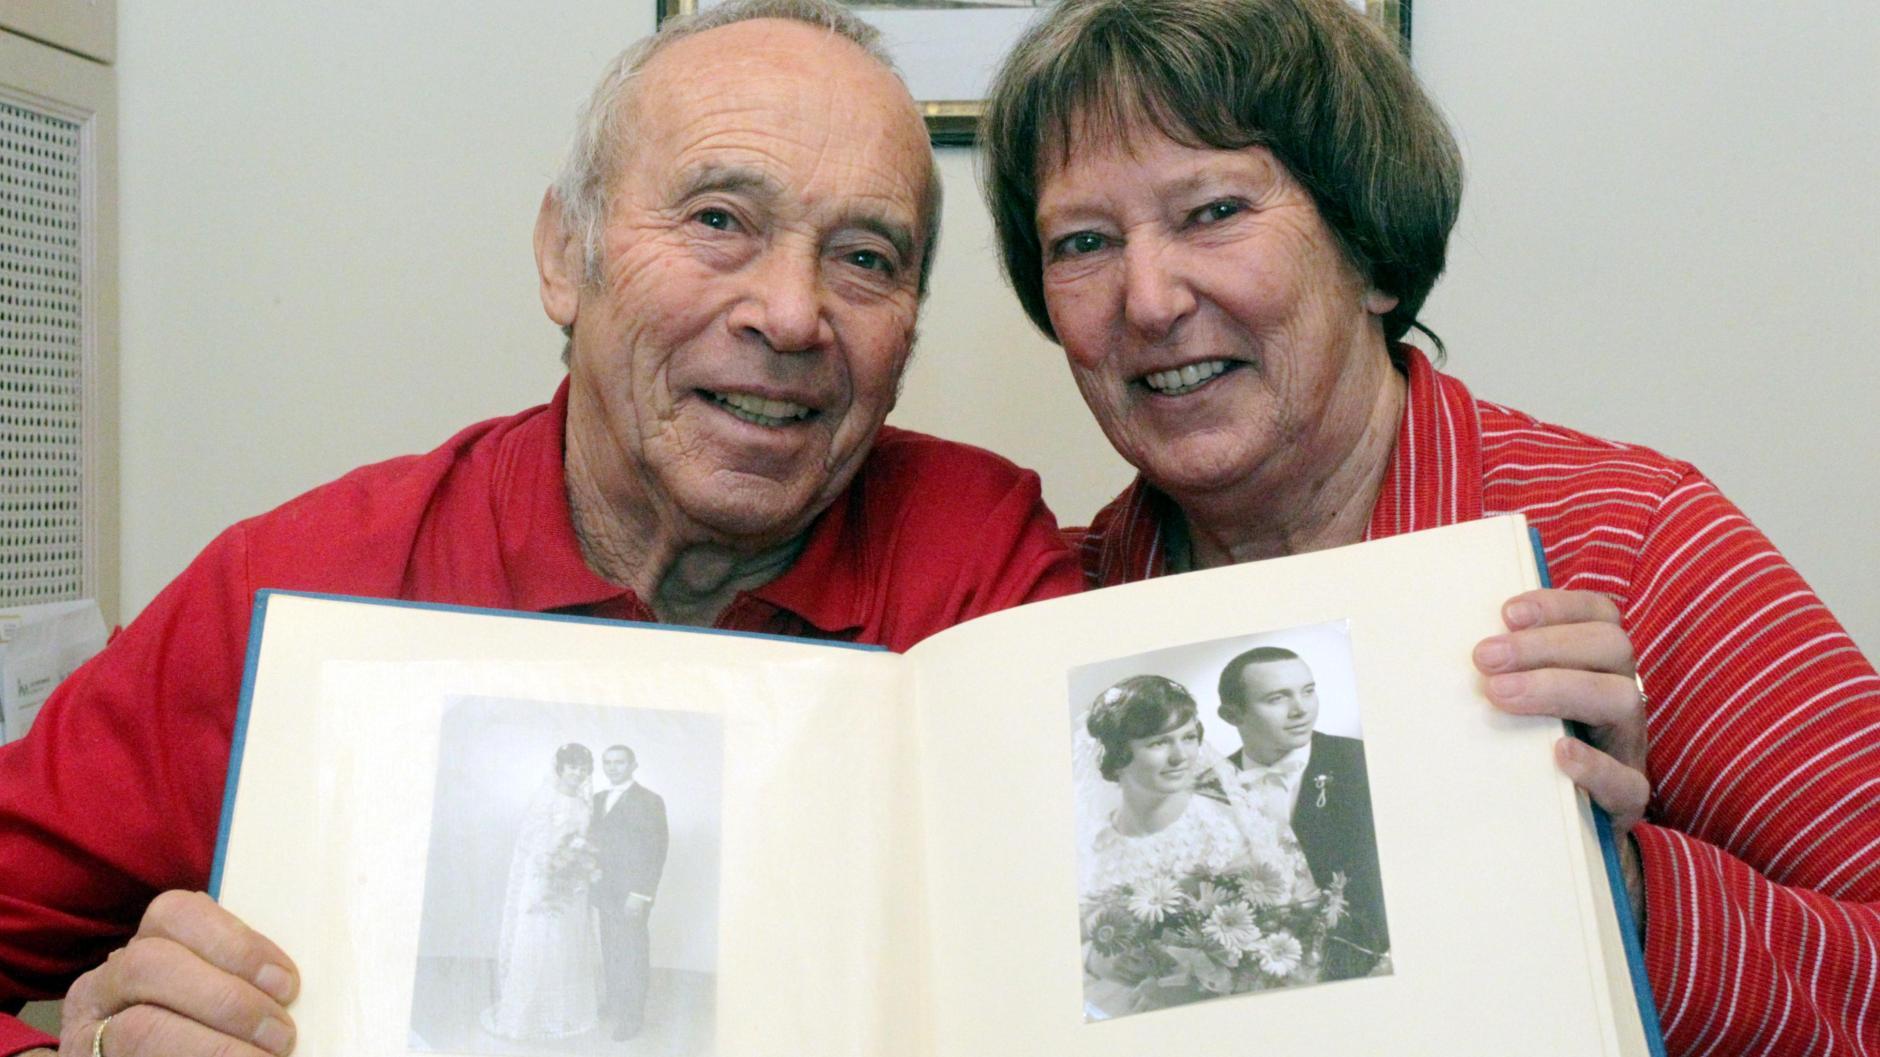 Ehejubiläum: Eine Sportlerehe seit 50 Jahren   Augsburger